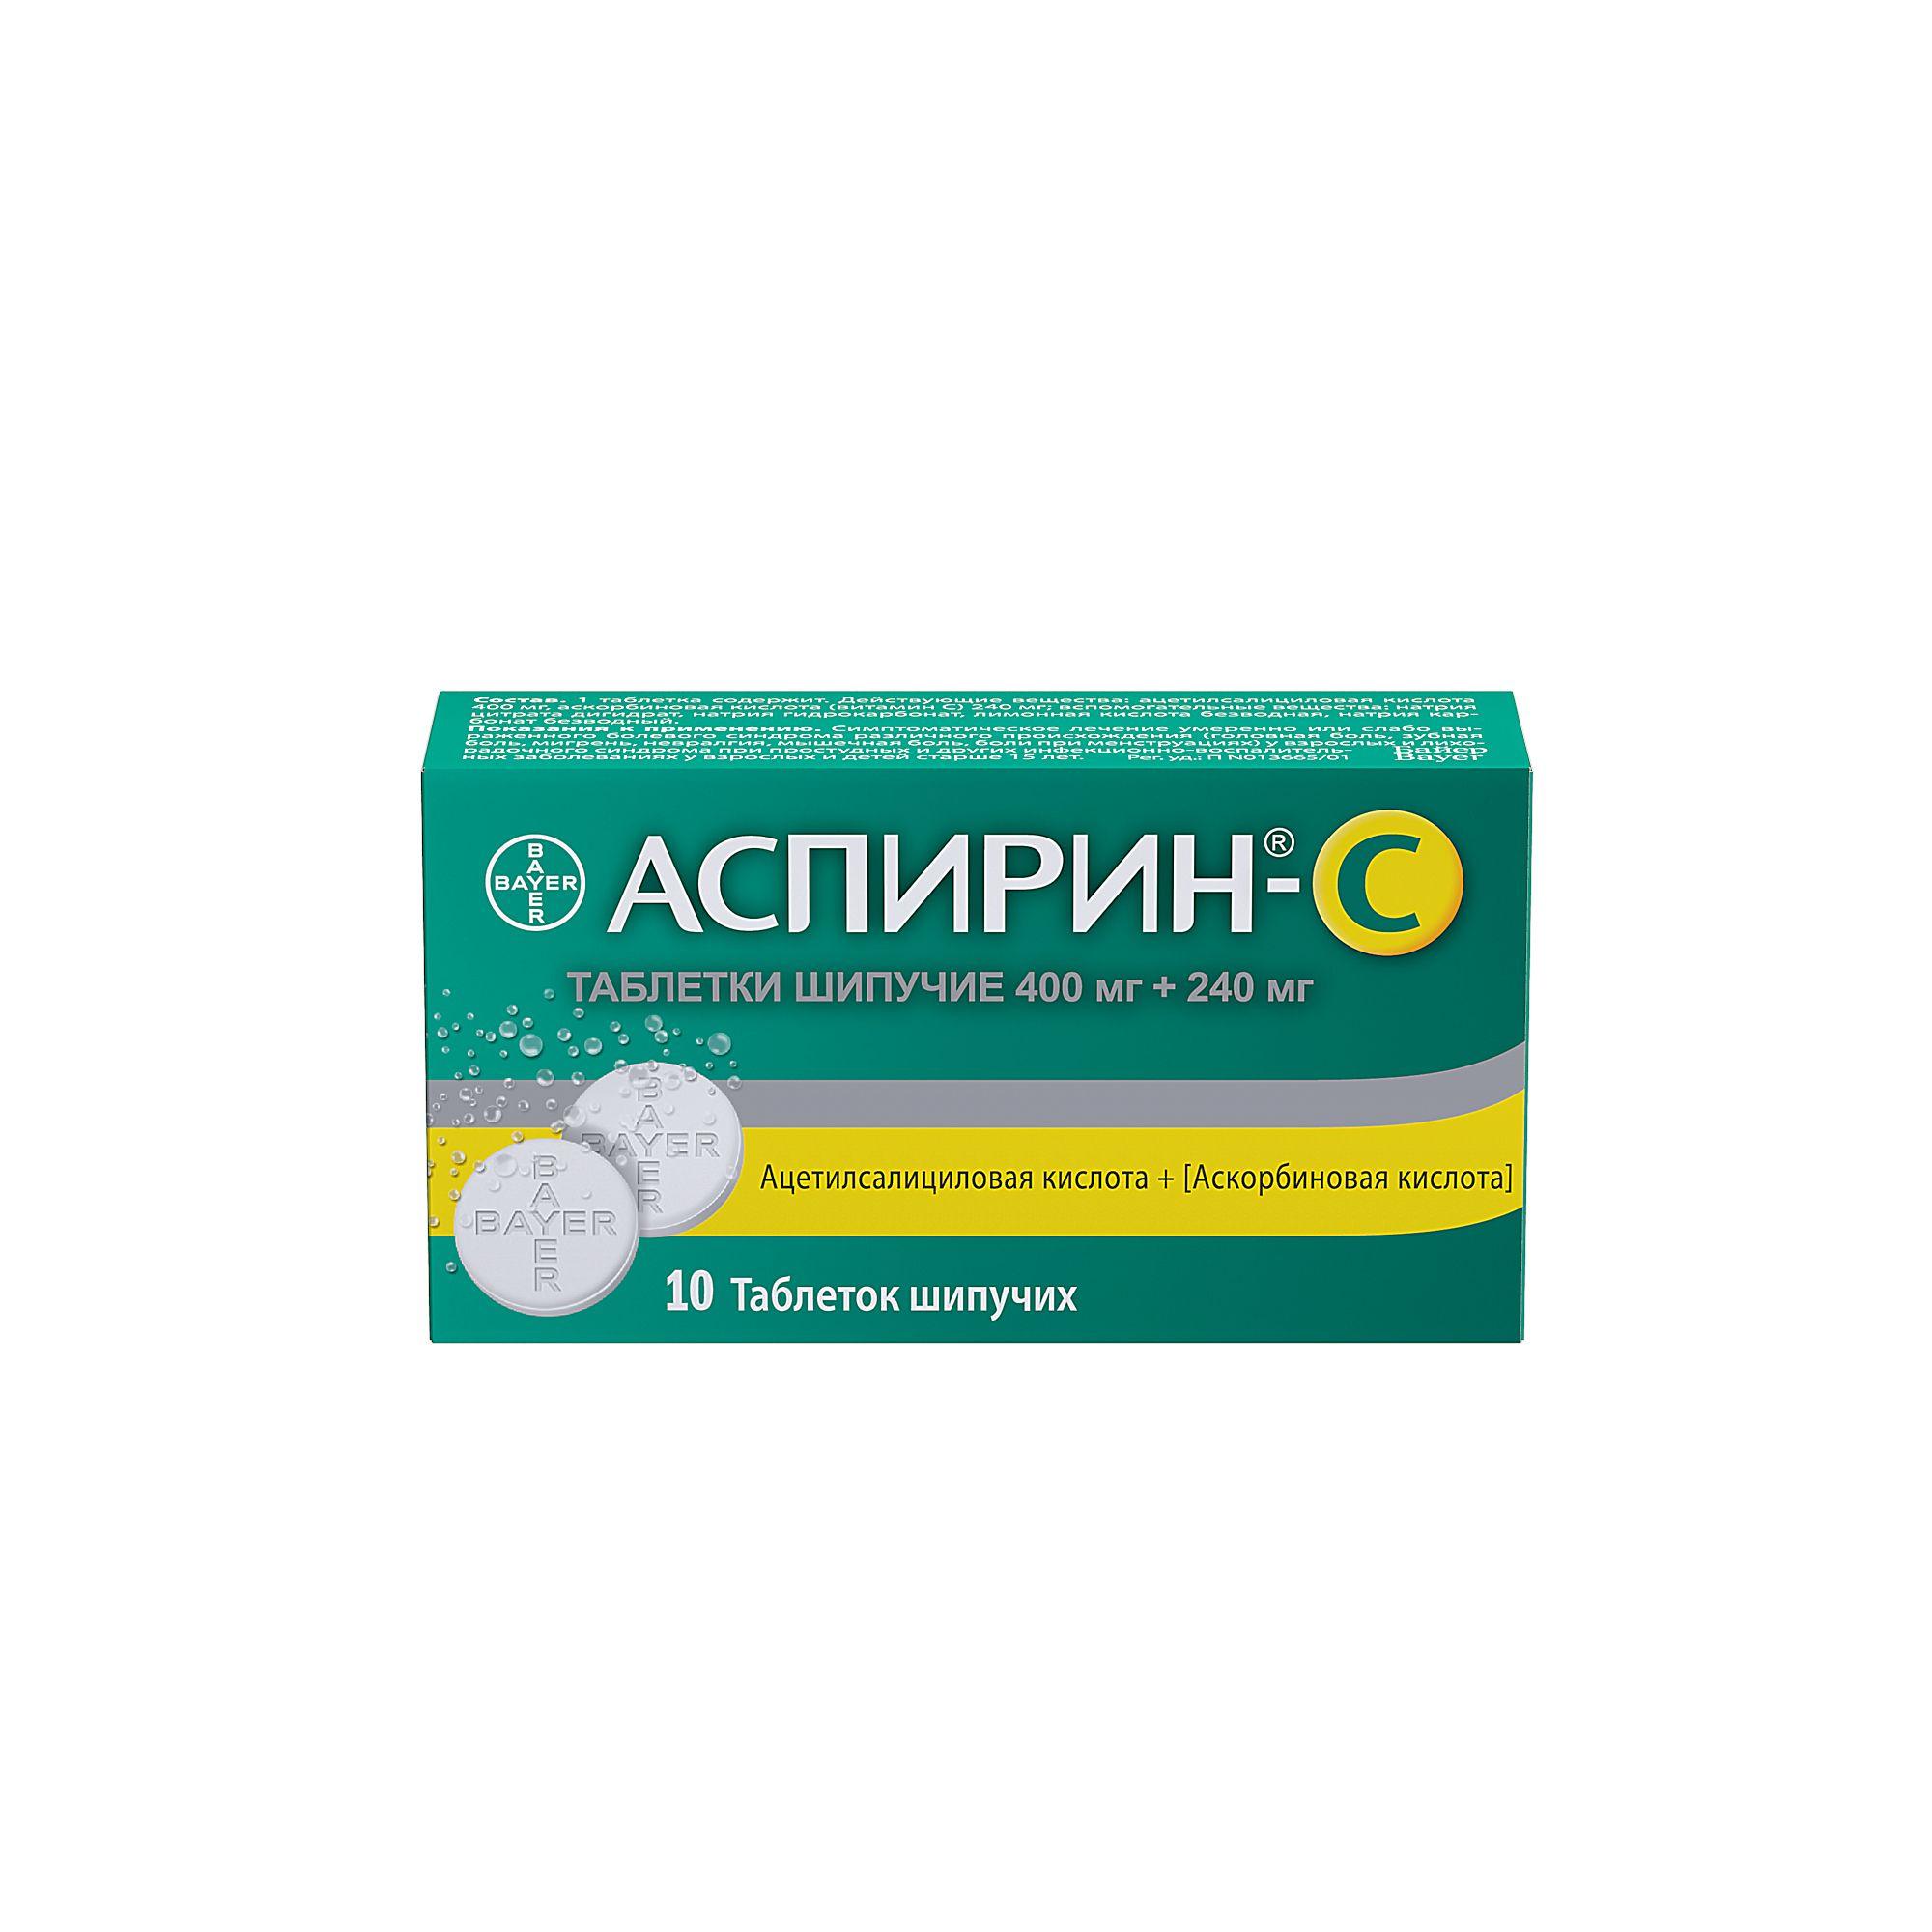 Аспирин-C, таблетки шипучие, 10шт.